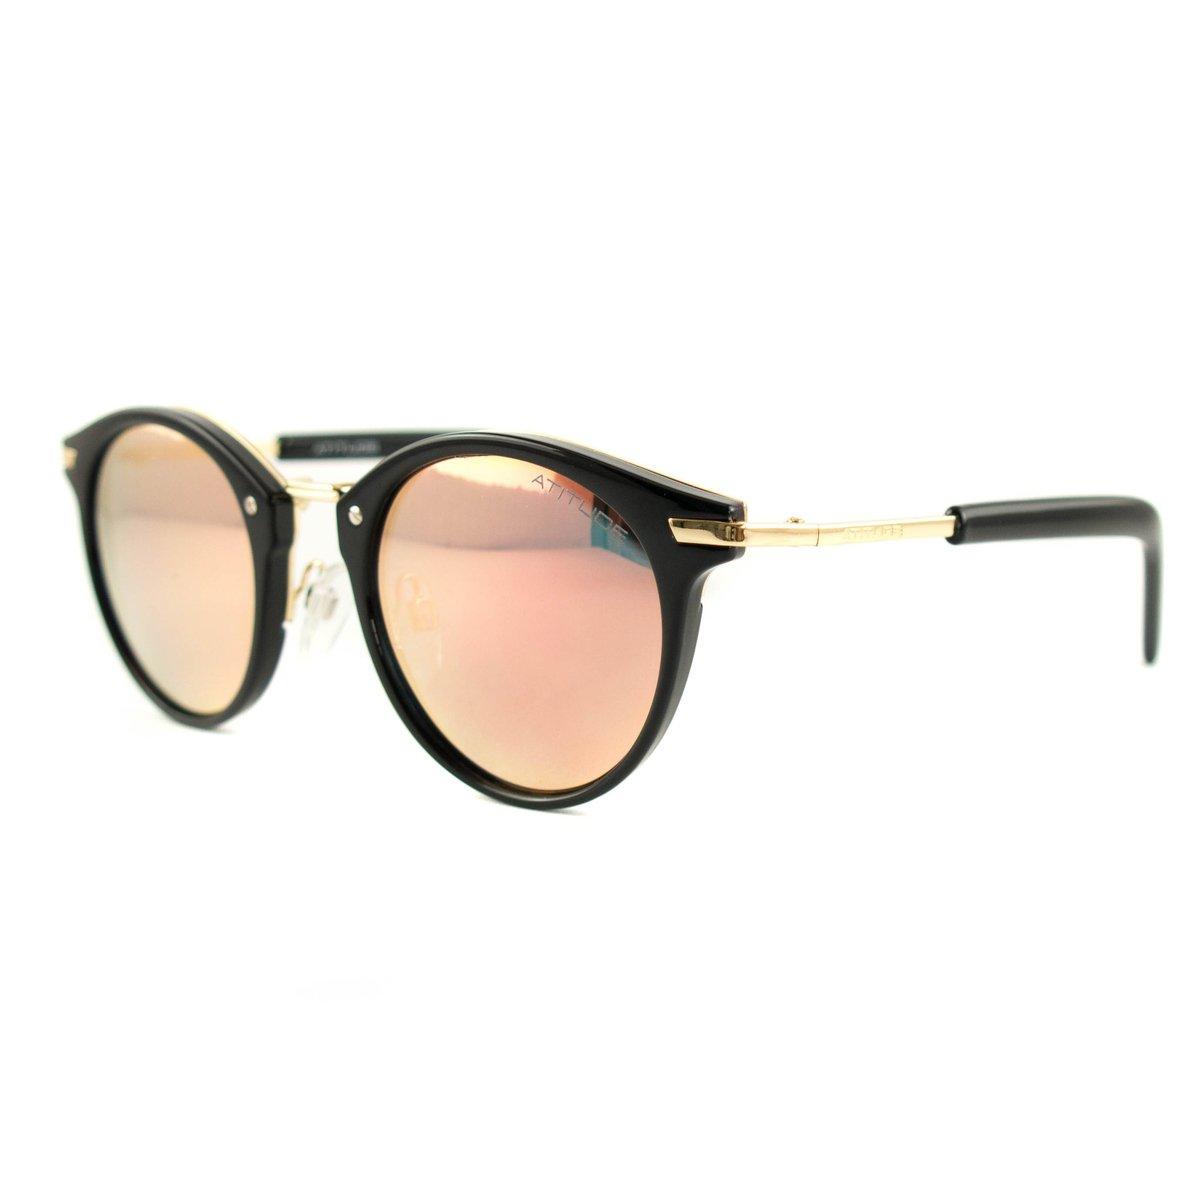 400427e699e90 Óculos Atitude De Sol Espelhado - Compre Agora